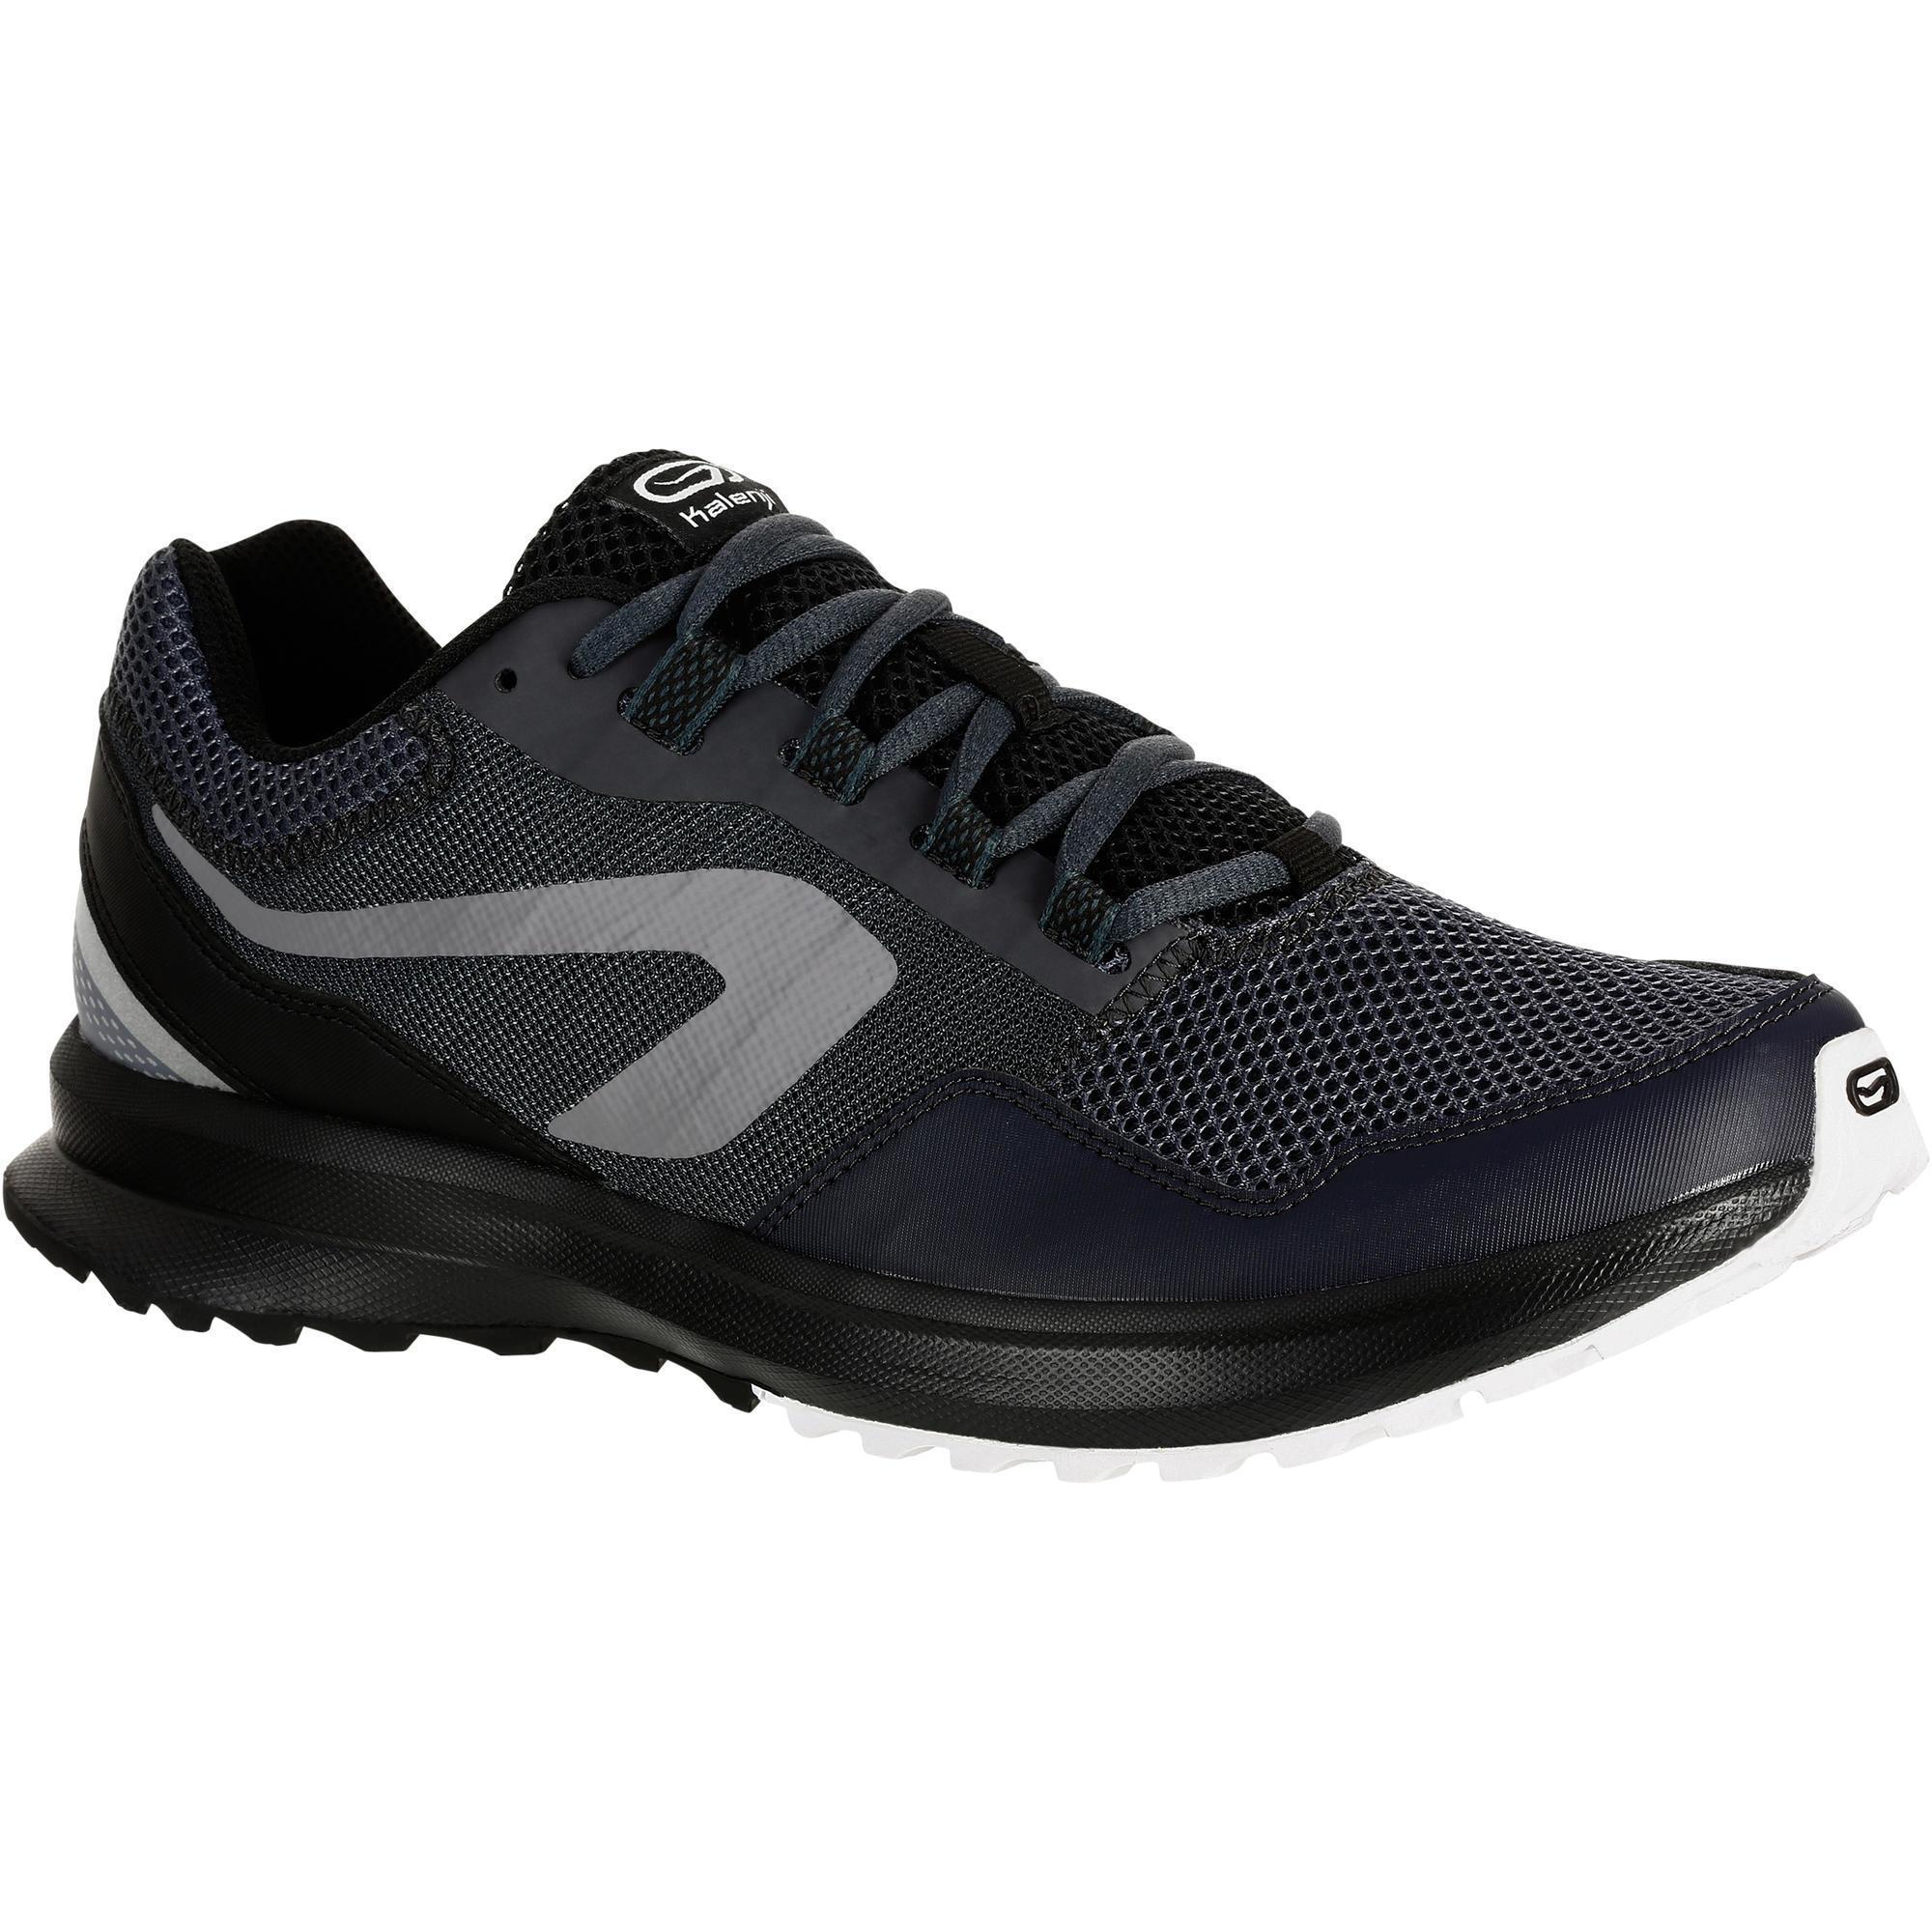 Kalenji Joggingschoenen voor heren Run Active Grip grijs/zwart kopen